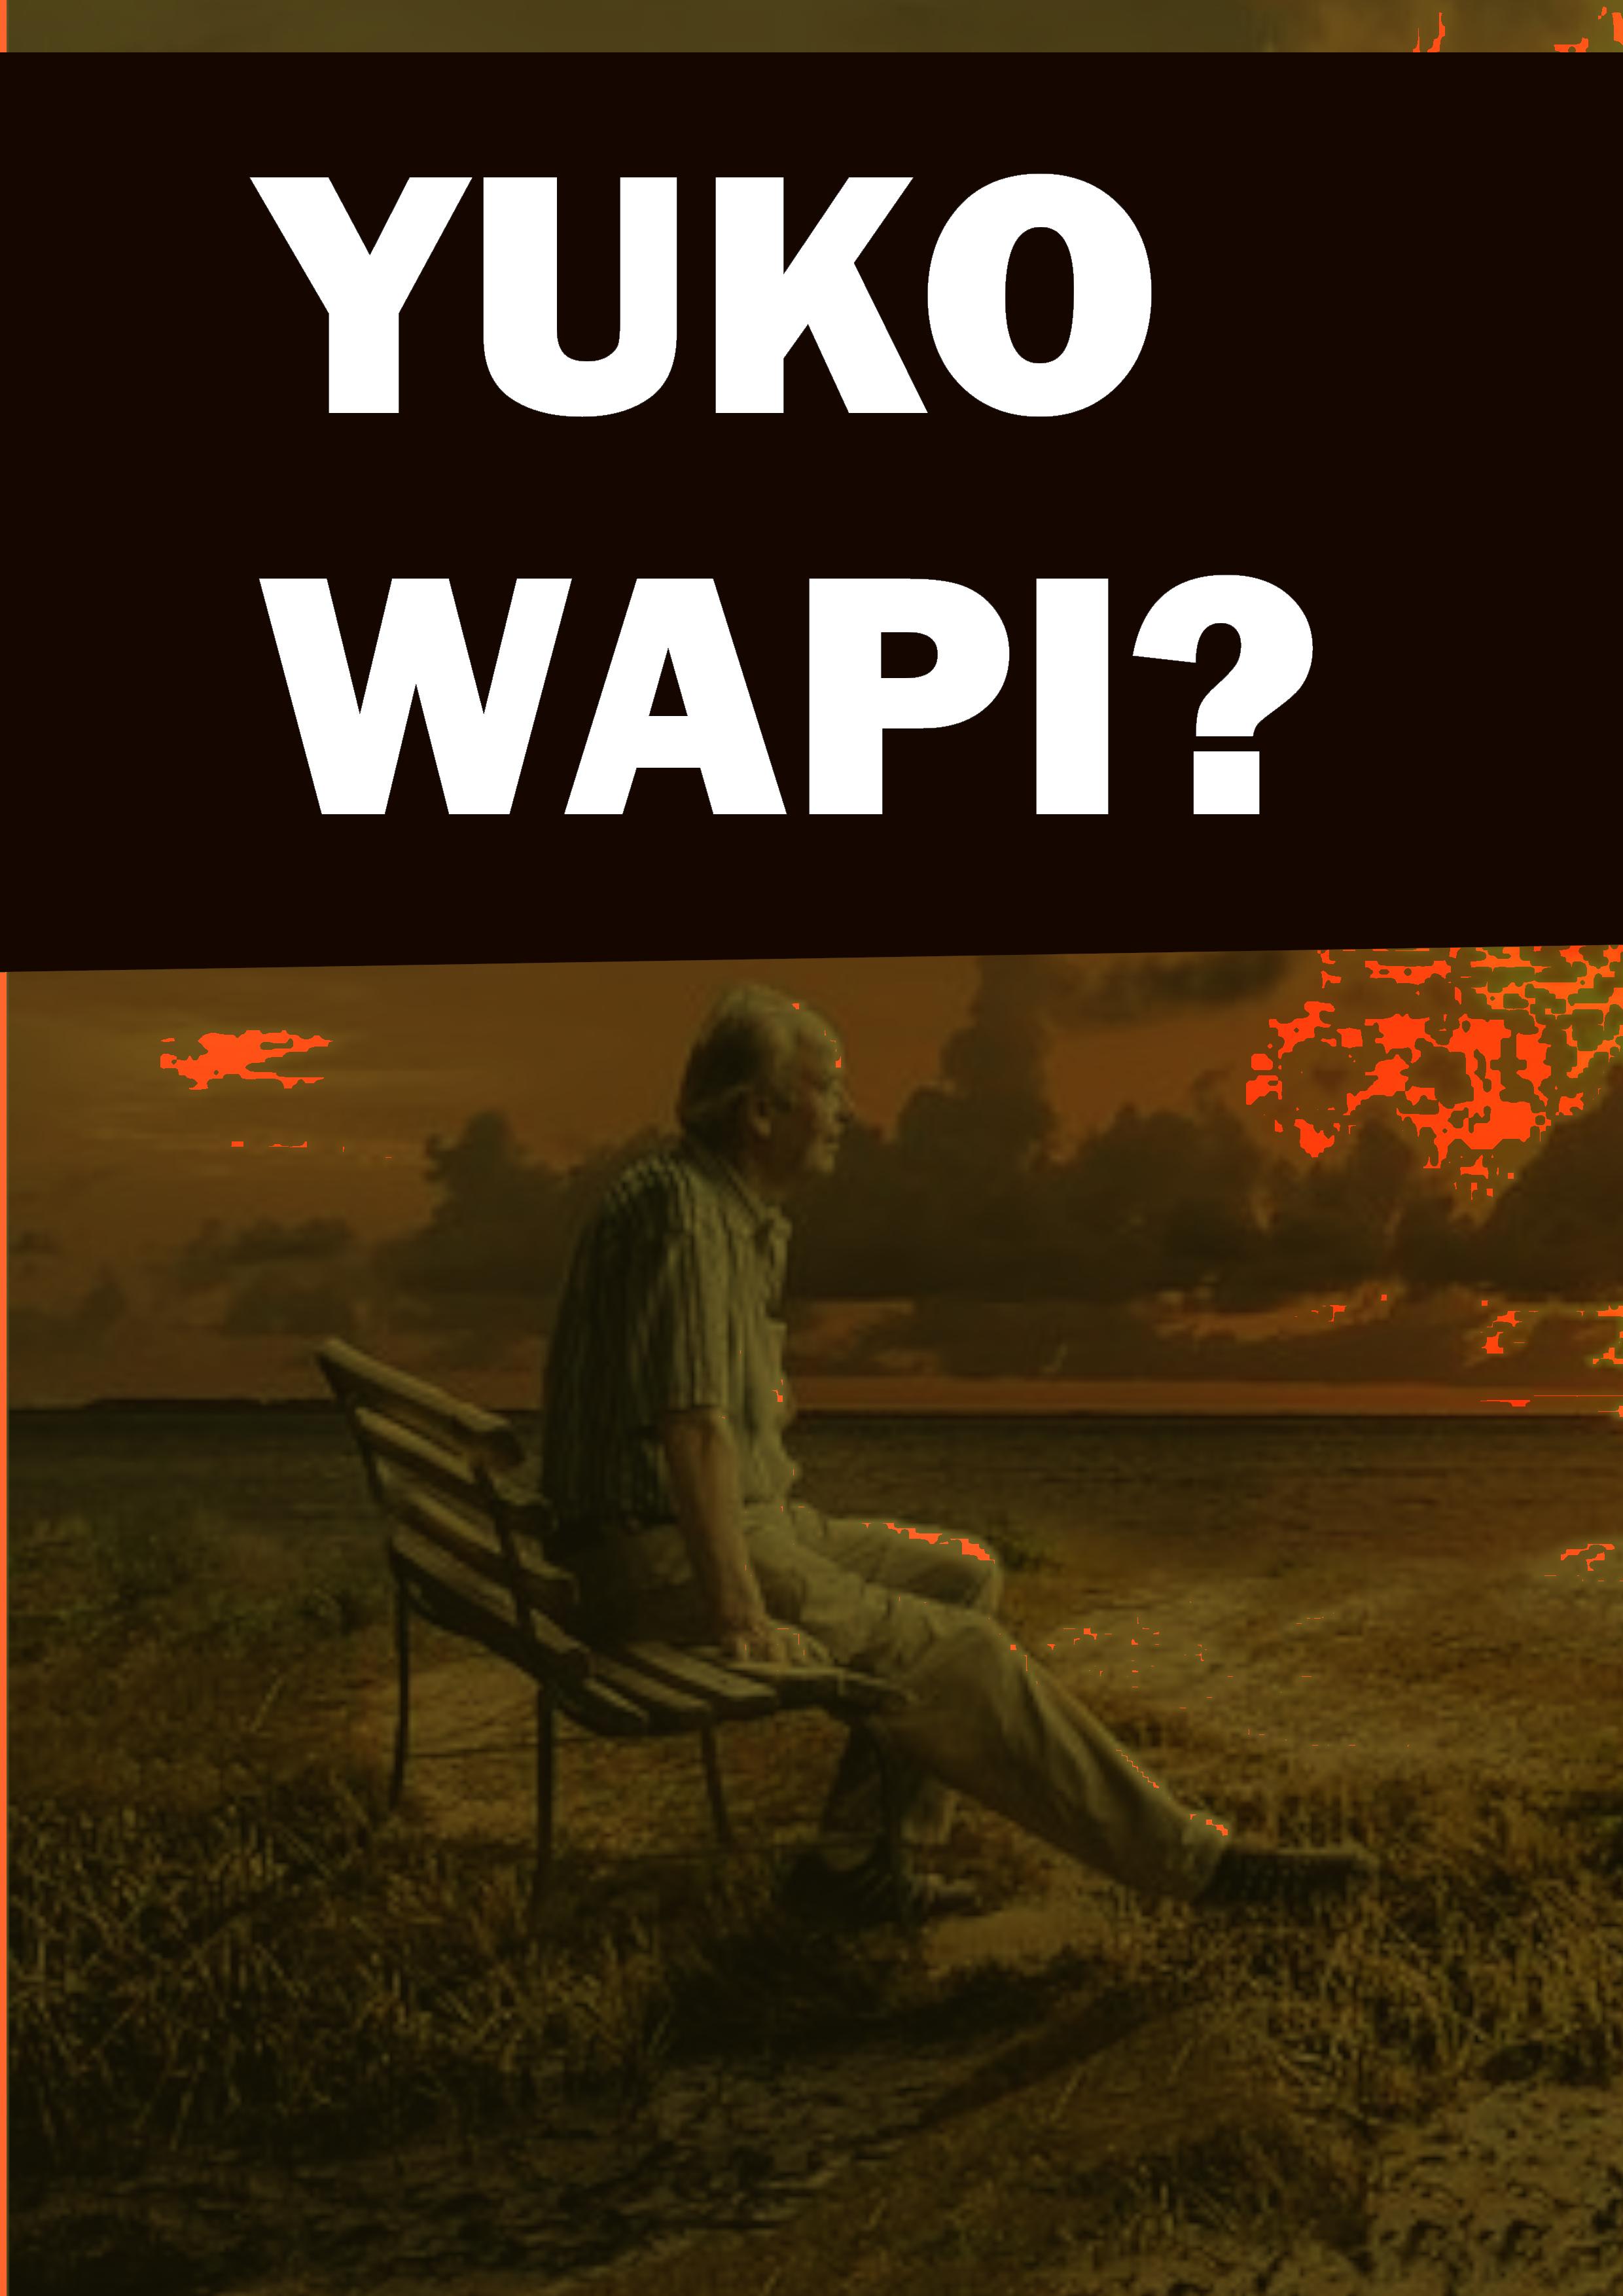 YUKO WAPI?